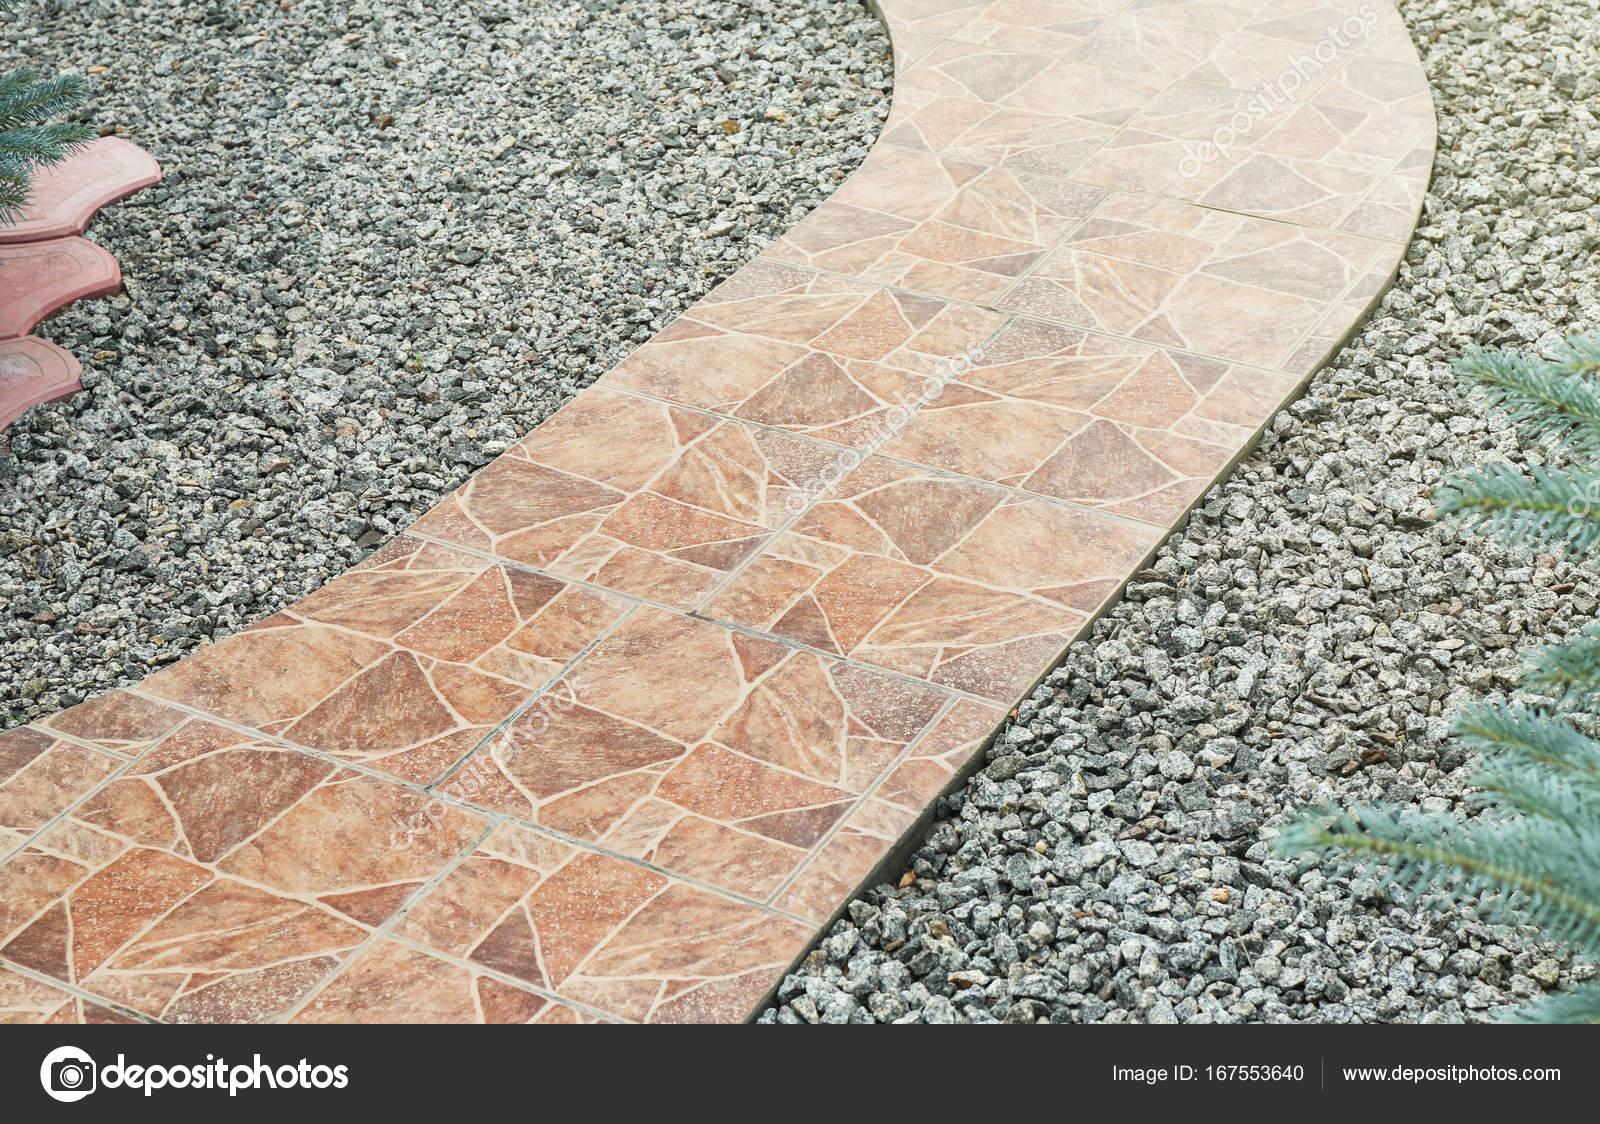 Via effettuata in piastrelle di ceramica con pietrisco in giardino